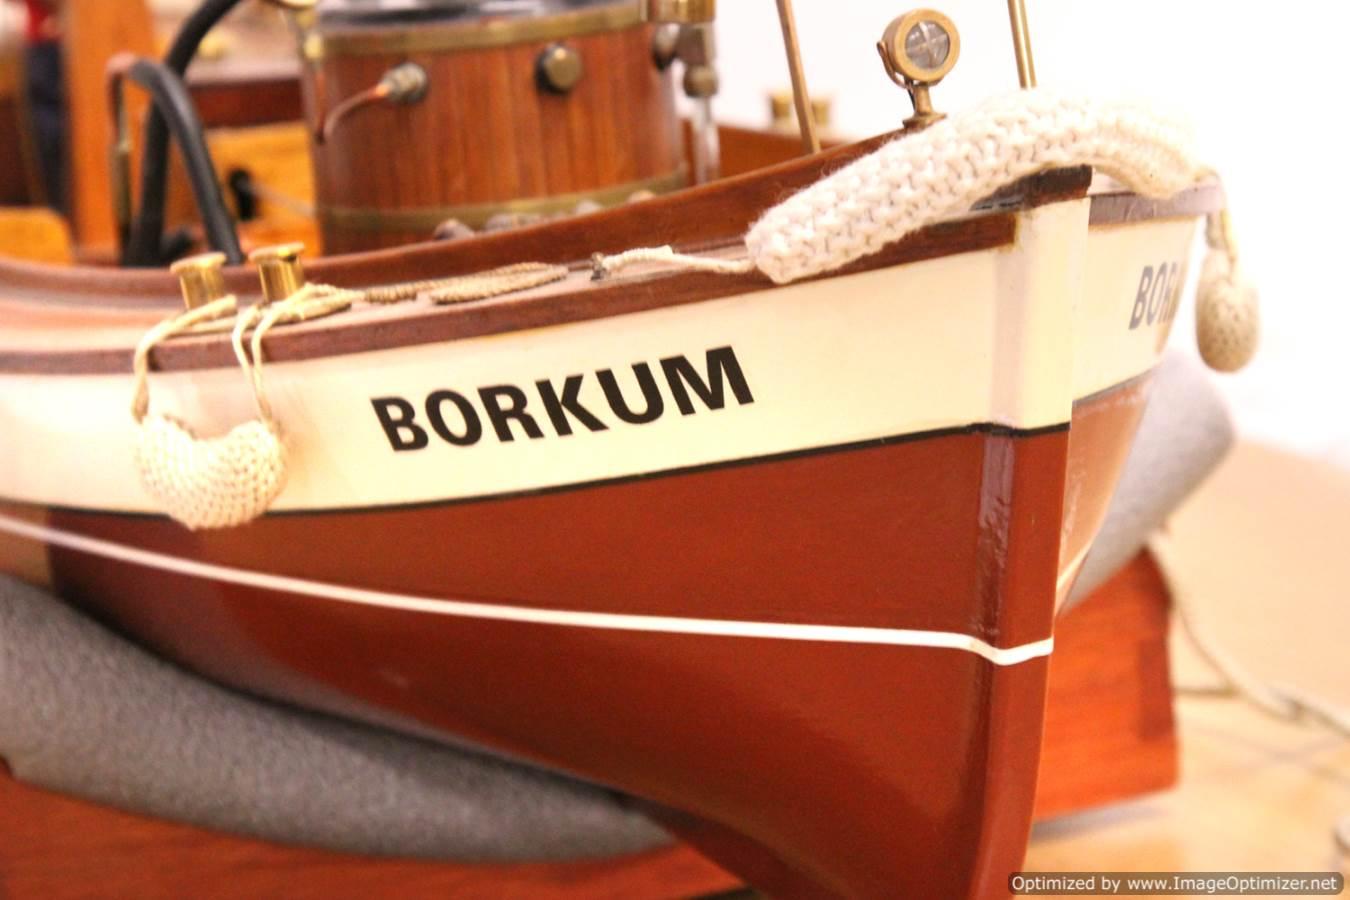 test bockrum-cheddar-steam-boat-live-steam-model-for-sale-05-optimized